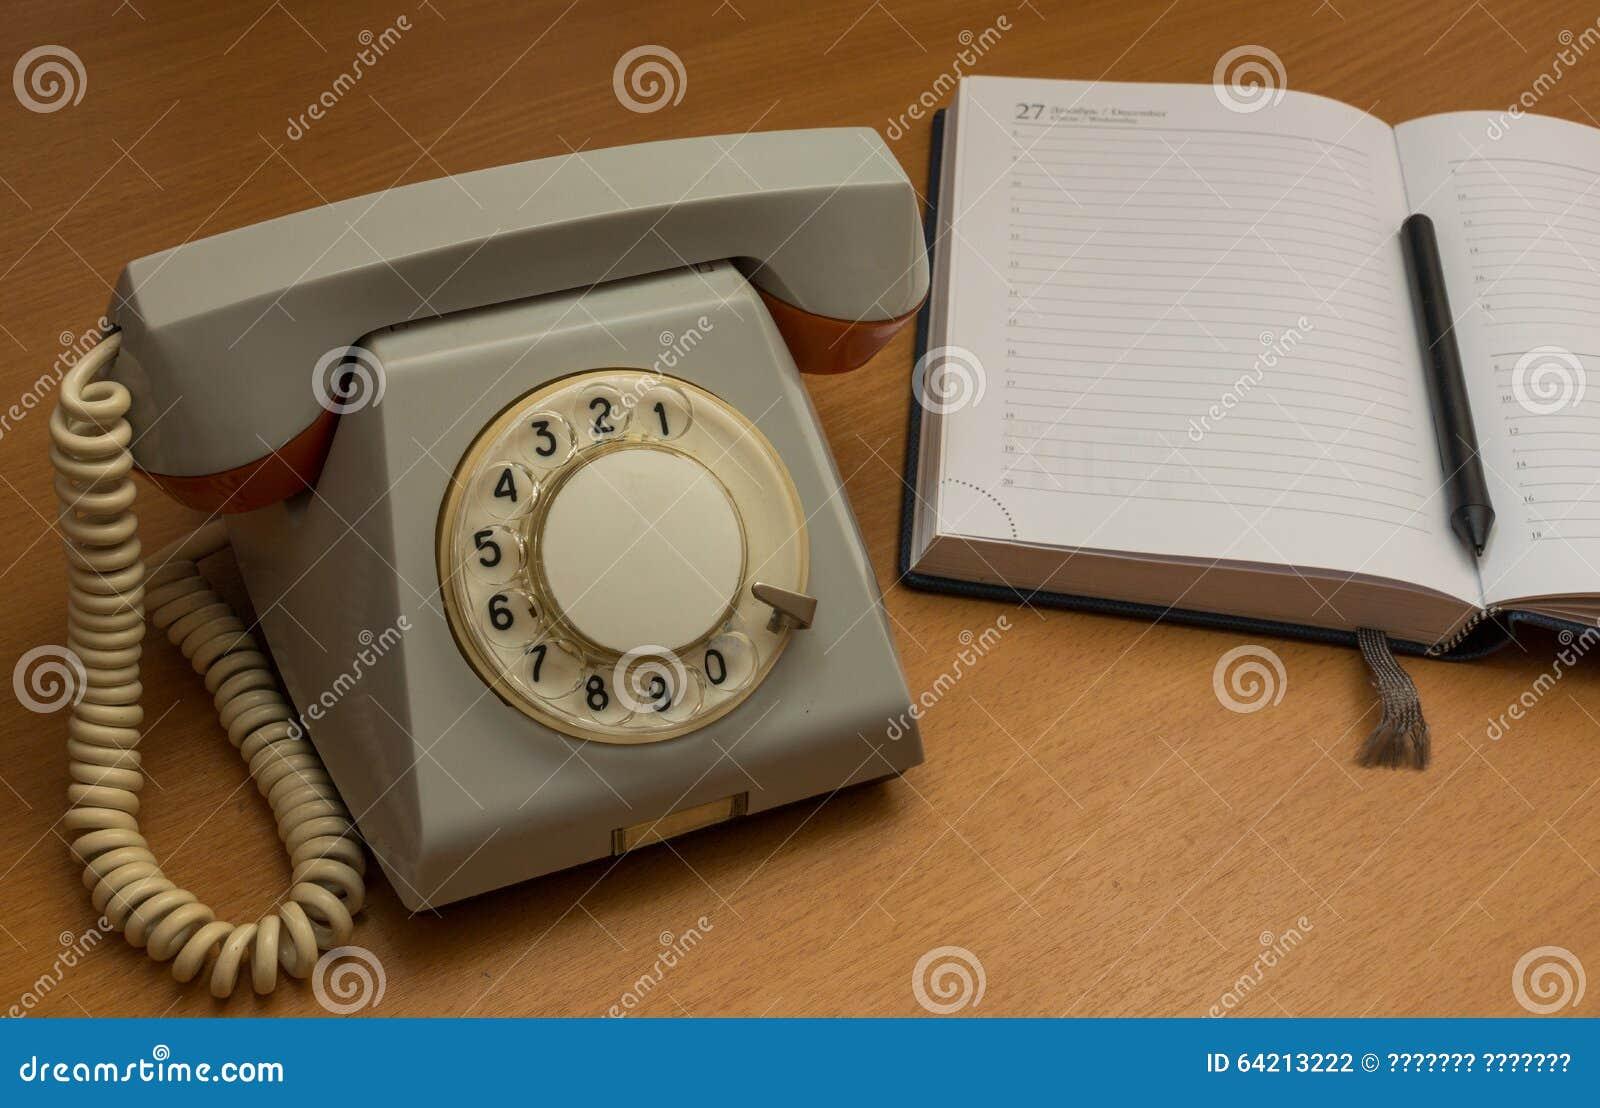 Teléfono de la línea horizonte con un cuaderno